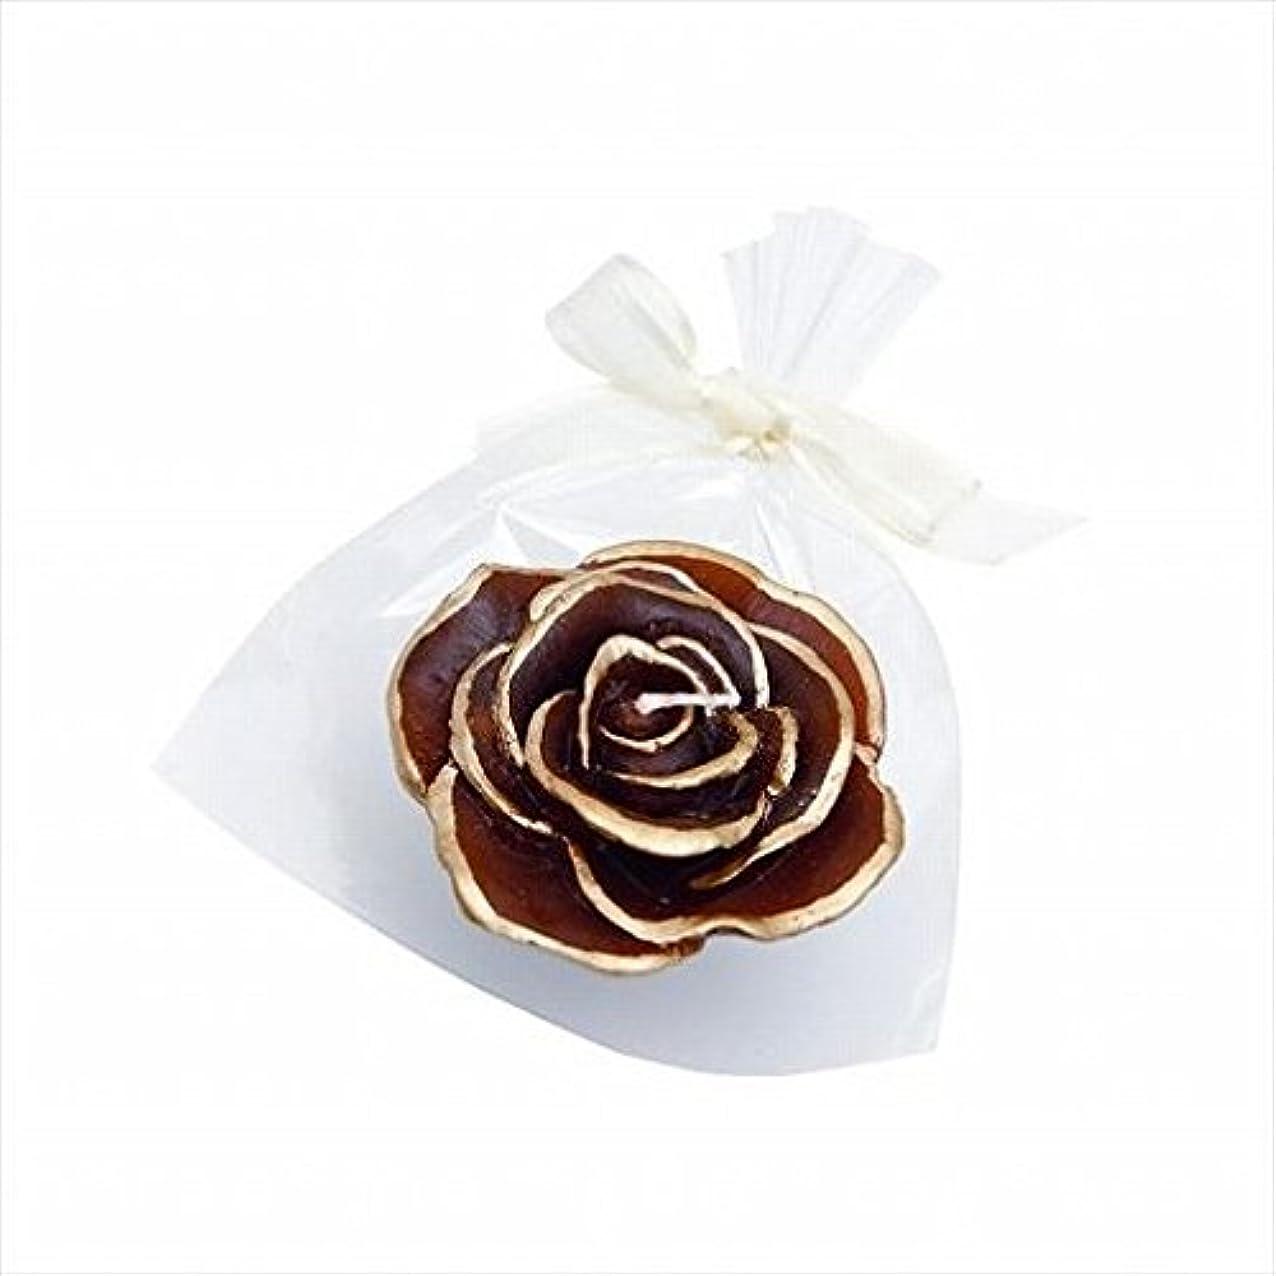 繊毛生産的強打kameyama candle(カメヤマキャンドル) プリンセスローズ 「 チョコレート 」(A6390500CH)